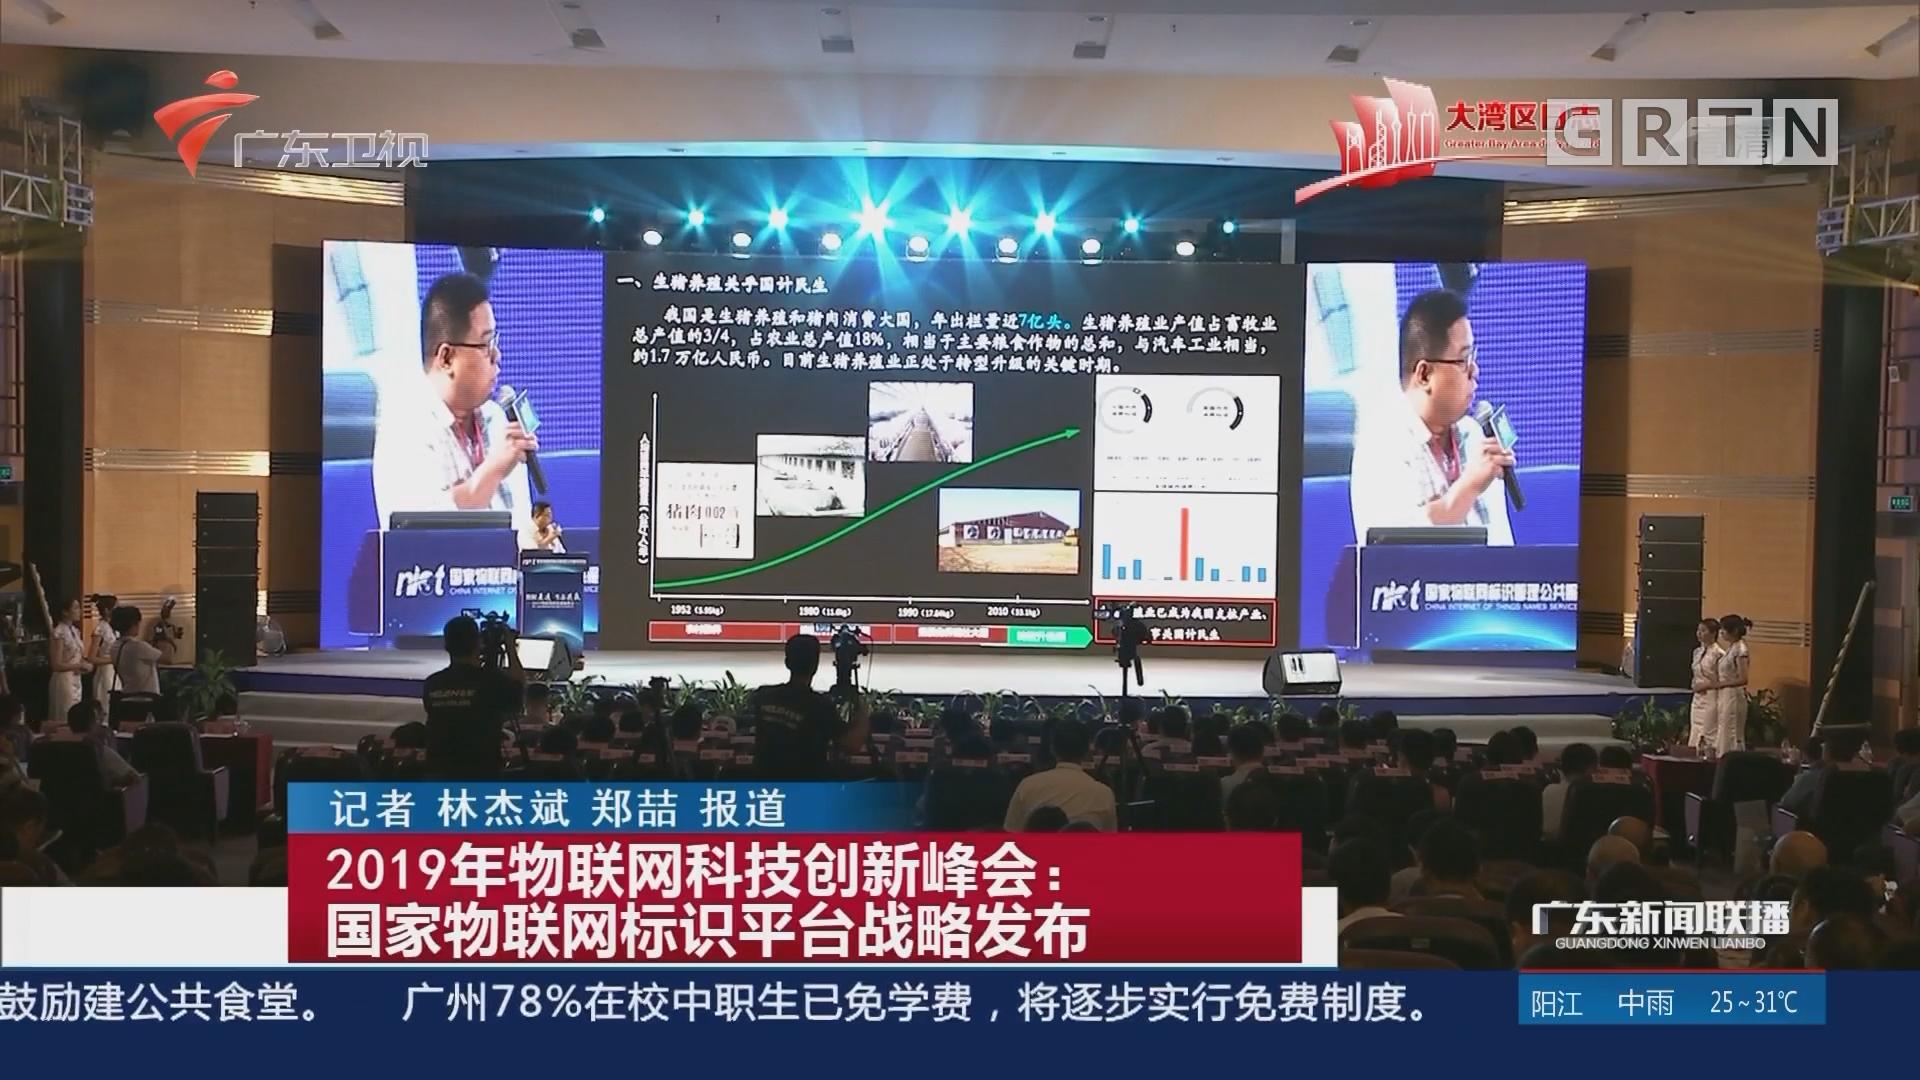 2019年物联网科技创新峰会:国家物联网标识平台战略发布